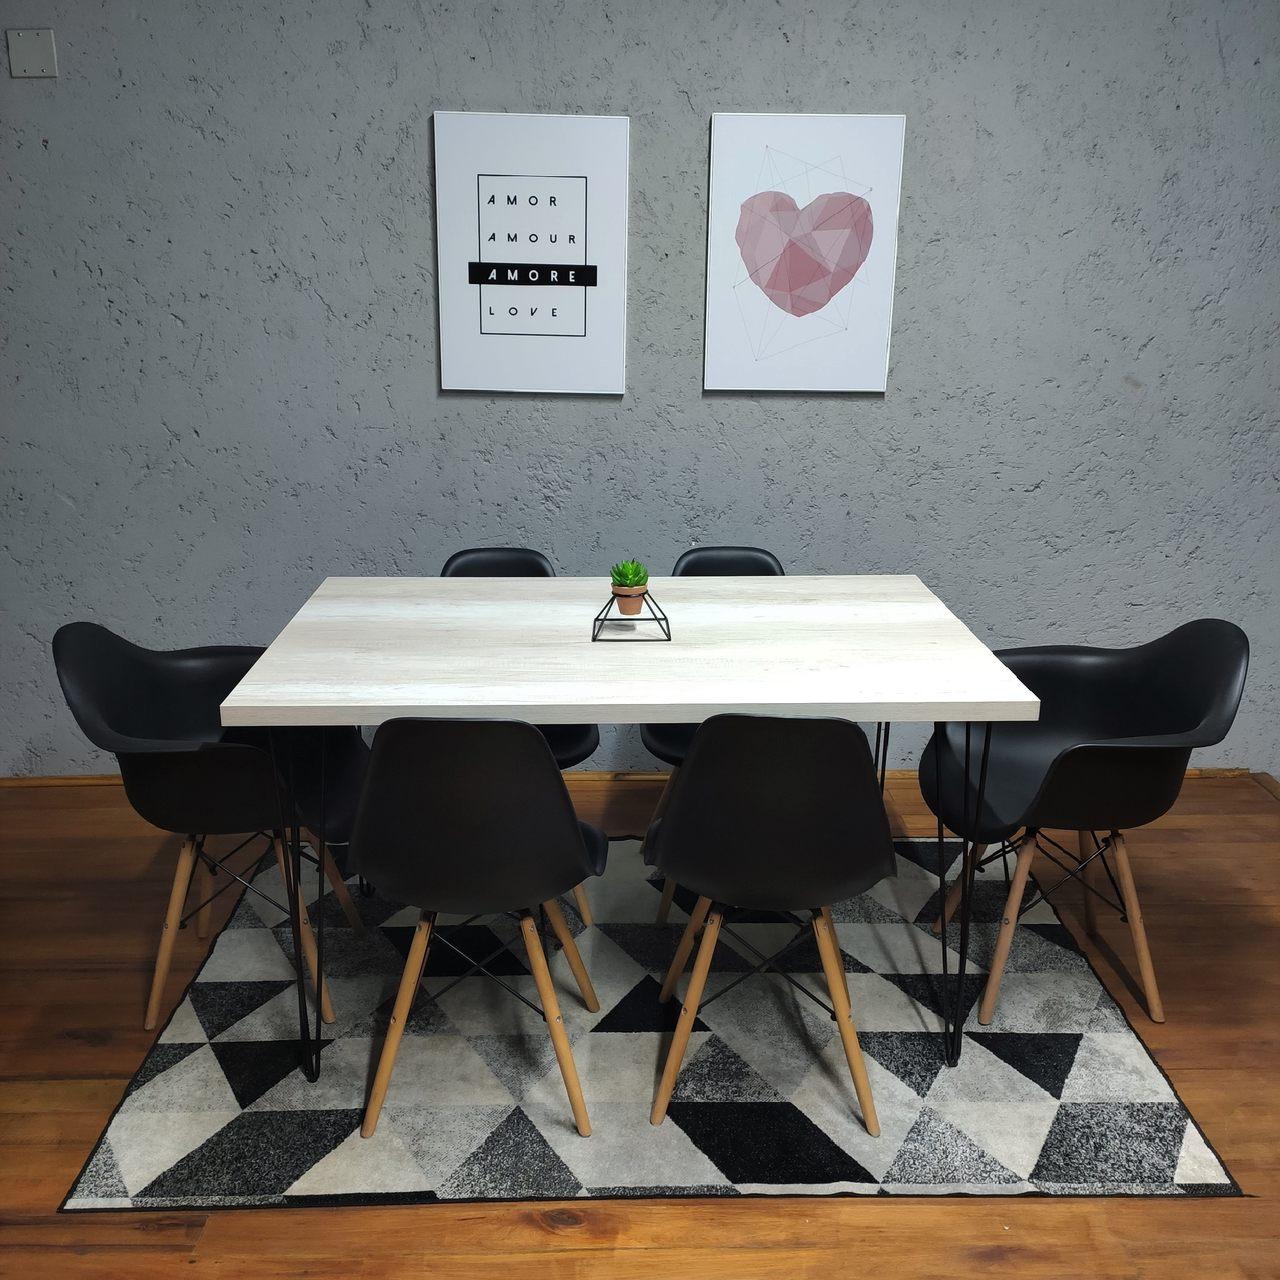 Mesa De Jantar PREMIUM 90 cm x 140 cm Industrial Hairpin Legs - Tampo 100 % Mdf (Não acompanha cadeiras)  - Mtne Store